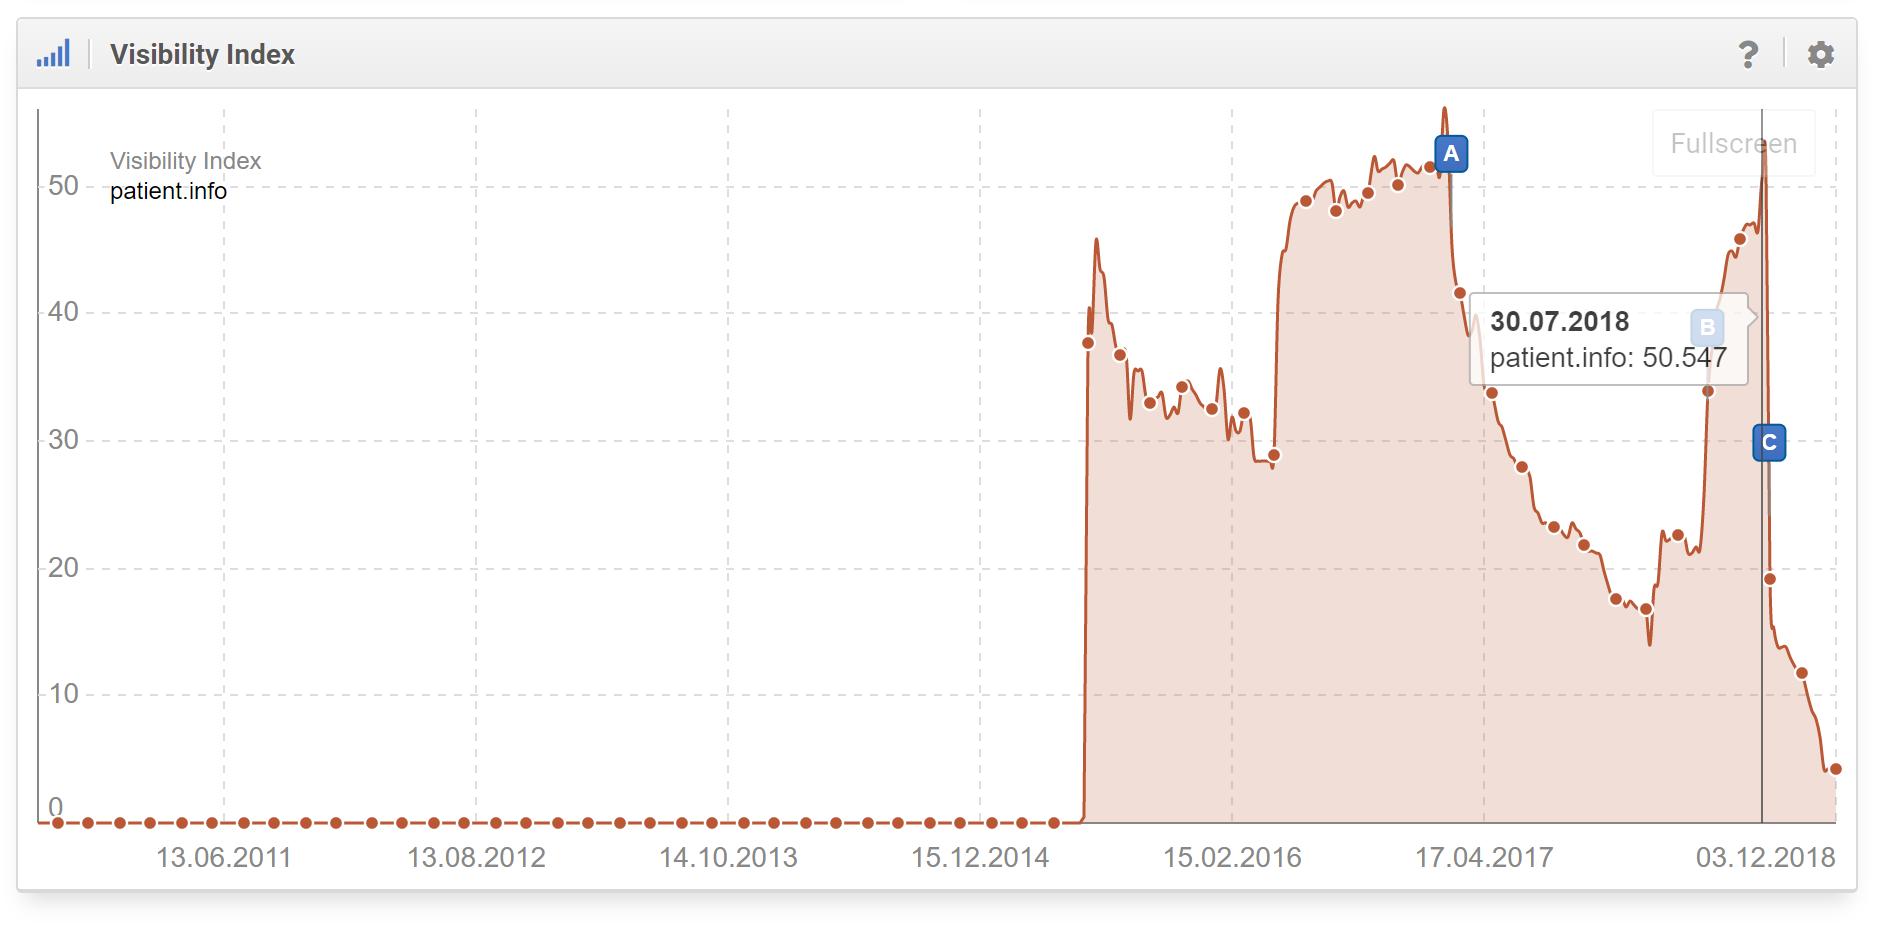 patient.info la visibilidad en Google duplicó el valor de 25 puntos a 54 puntos (Google empezó a confiar de nuevo en el dominio). Tan pronto como el número de enlaces (antinaturales) aumentó, la visibilidad volvió a disminuir